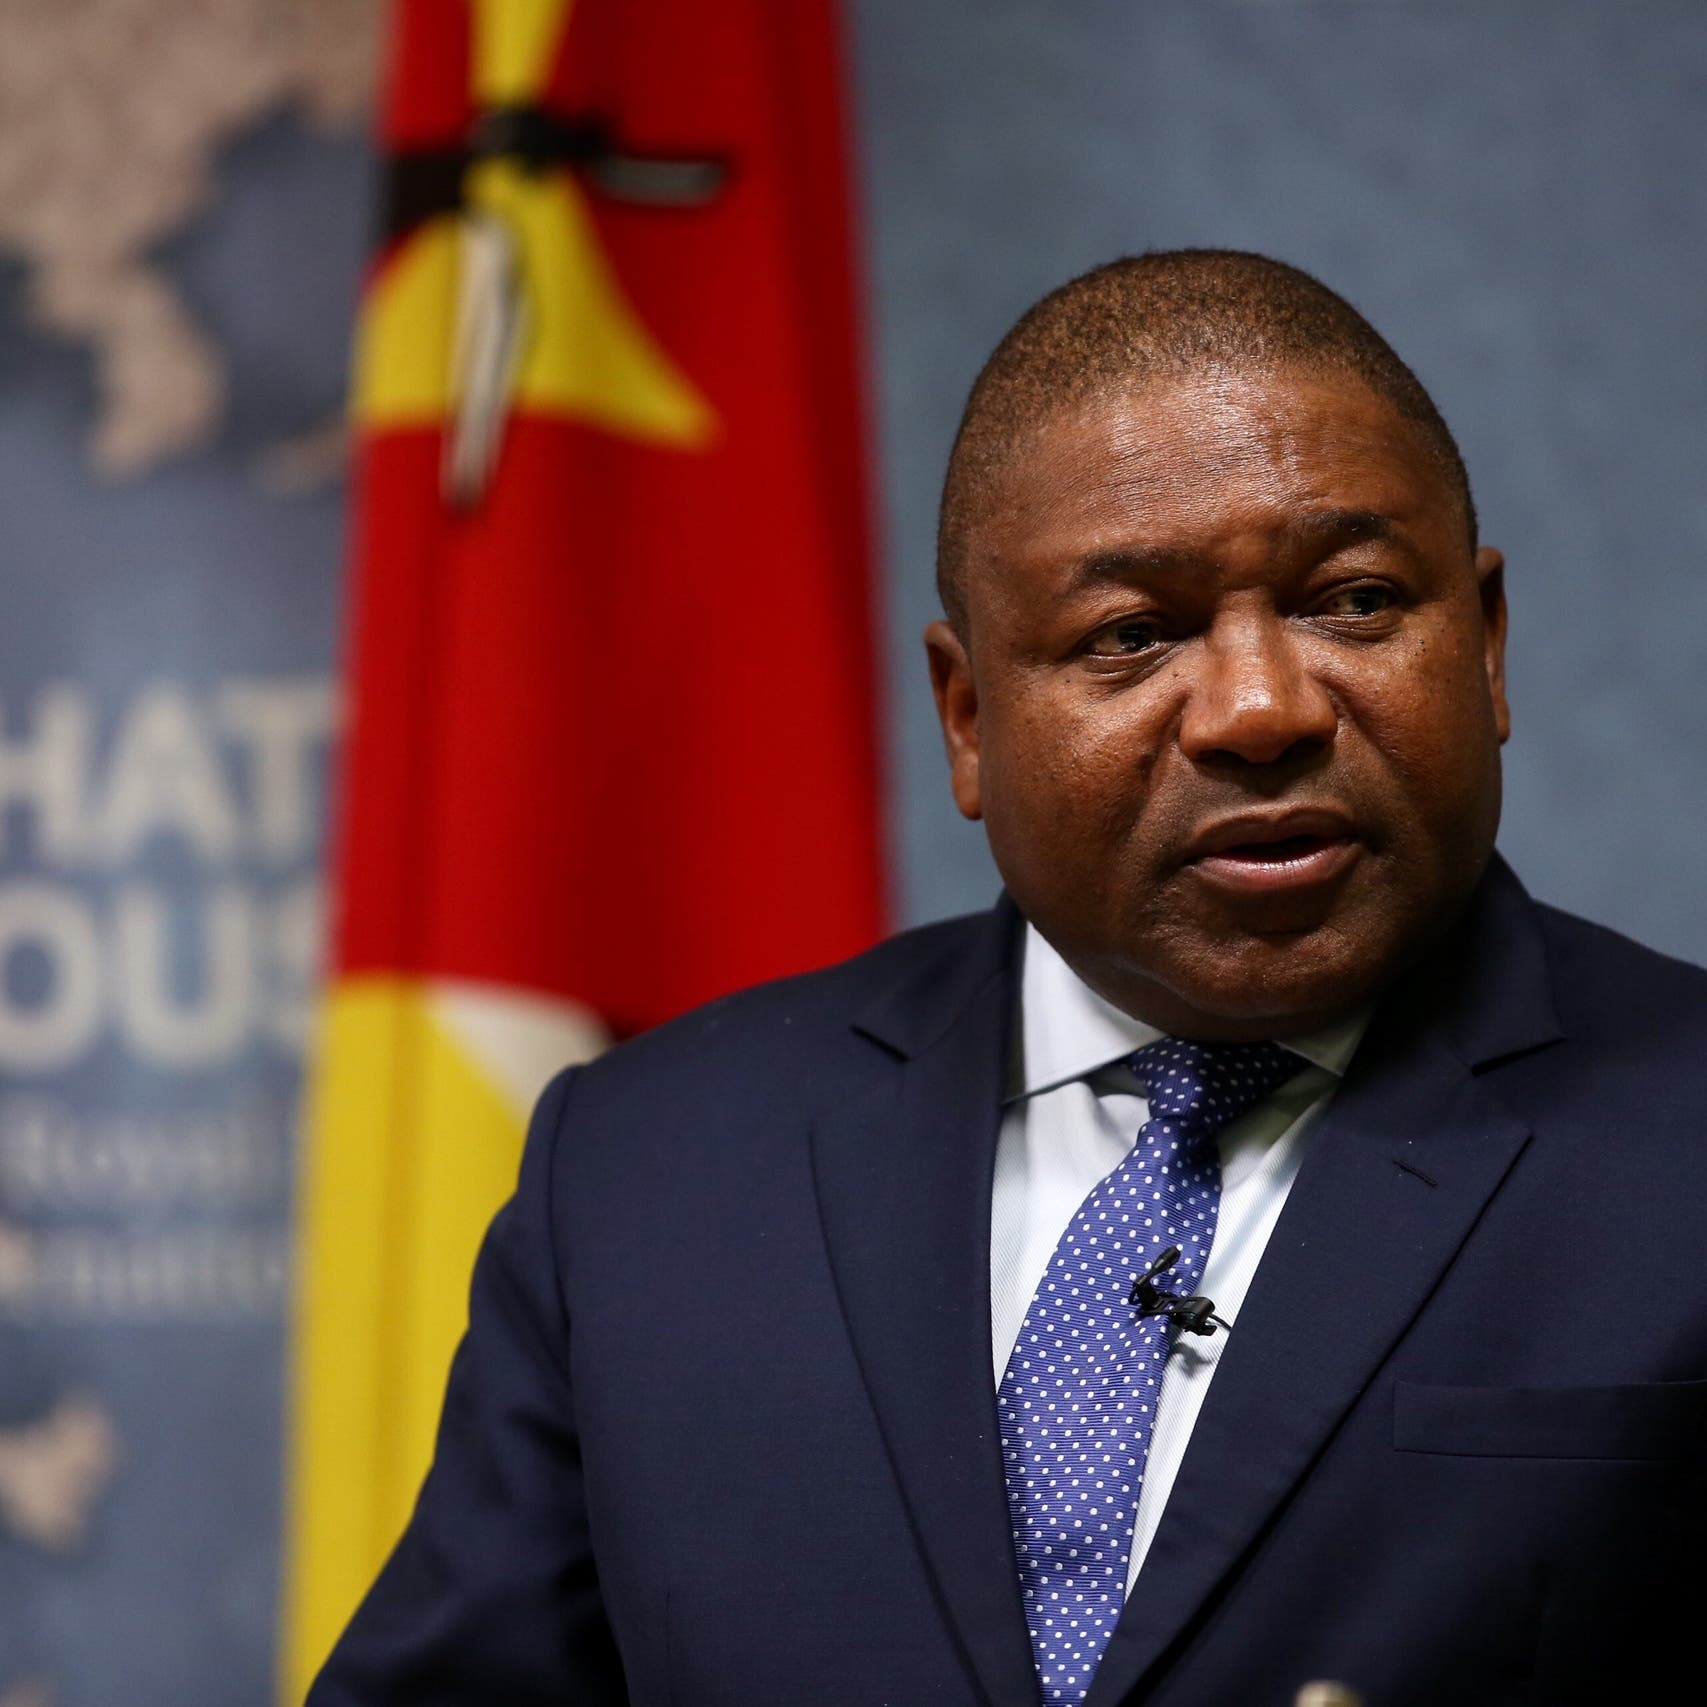 رئيس موزمبيق متهم بتلقي رشوة منملياردير عربي